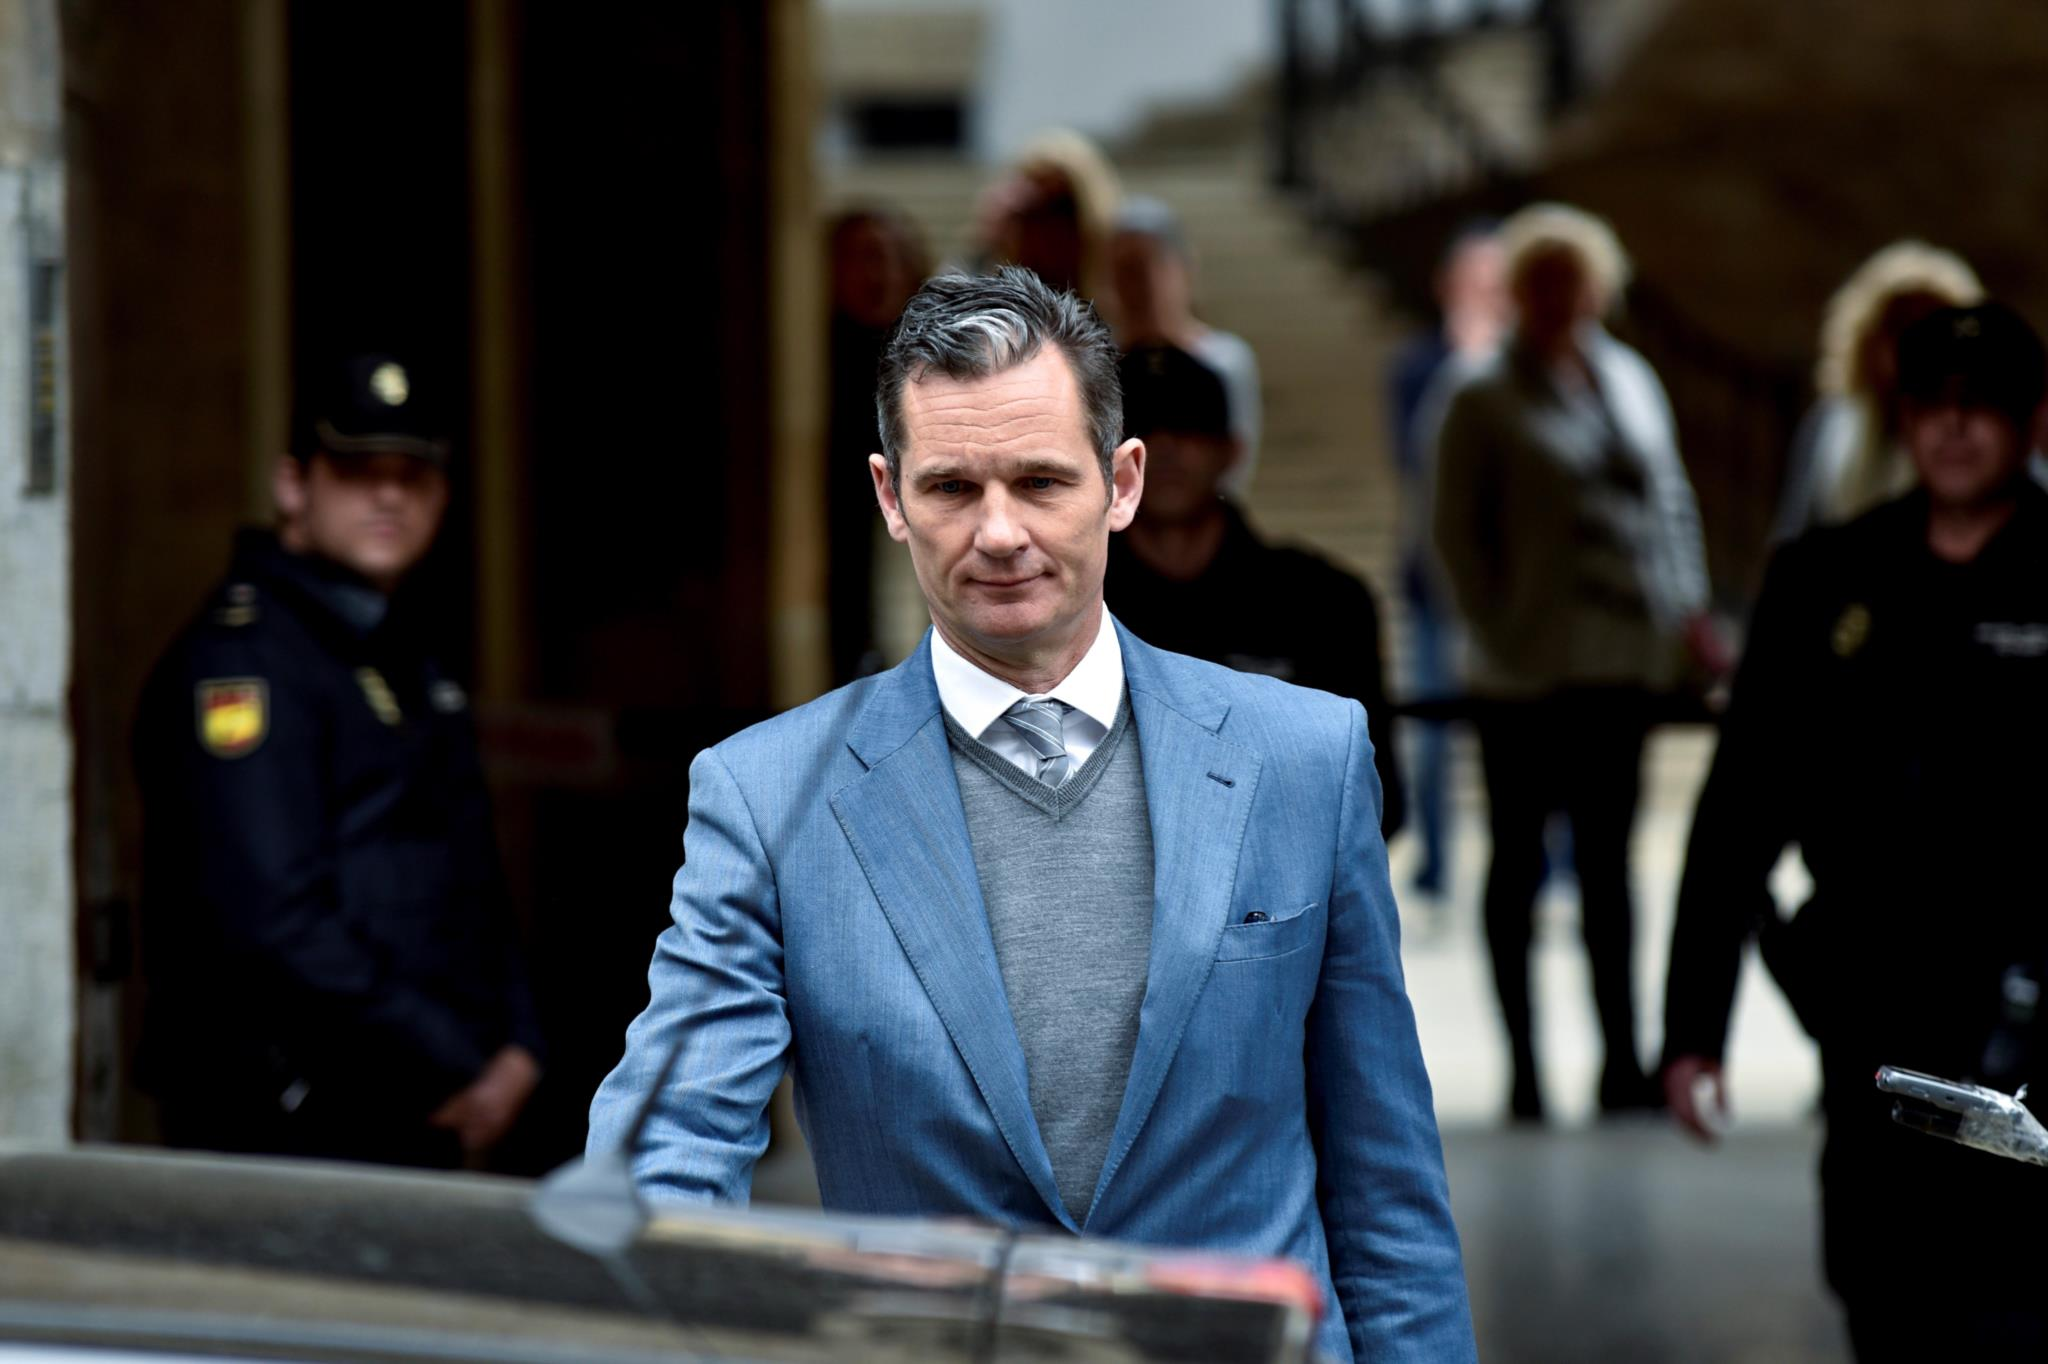 Felipe VI de Espanha, Espanha, Prisão